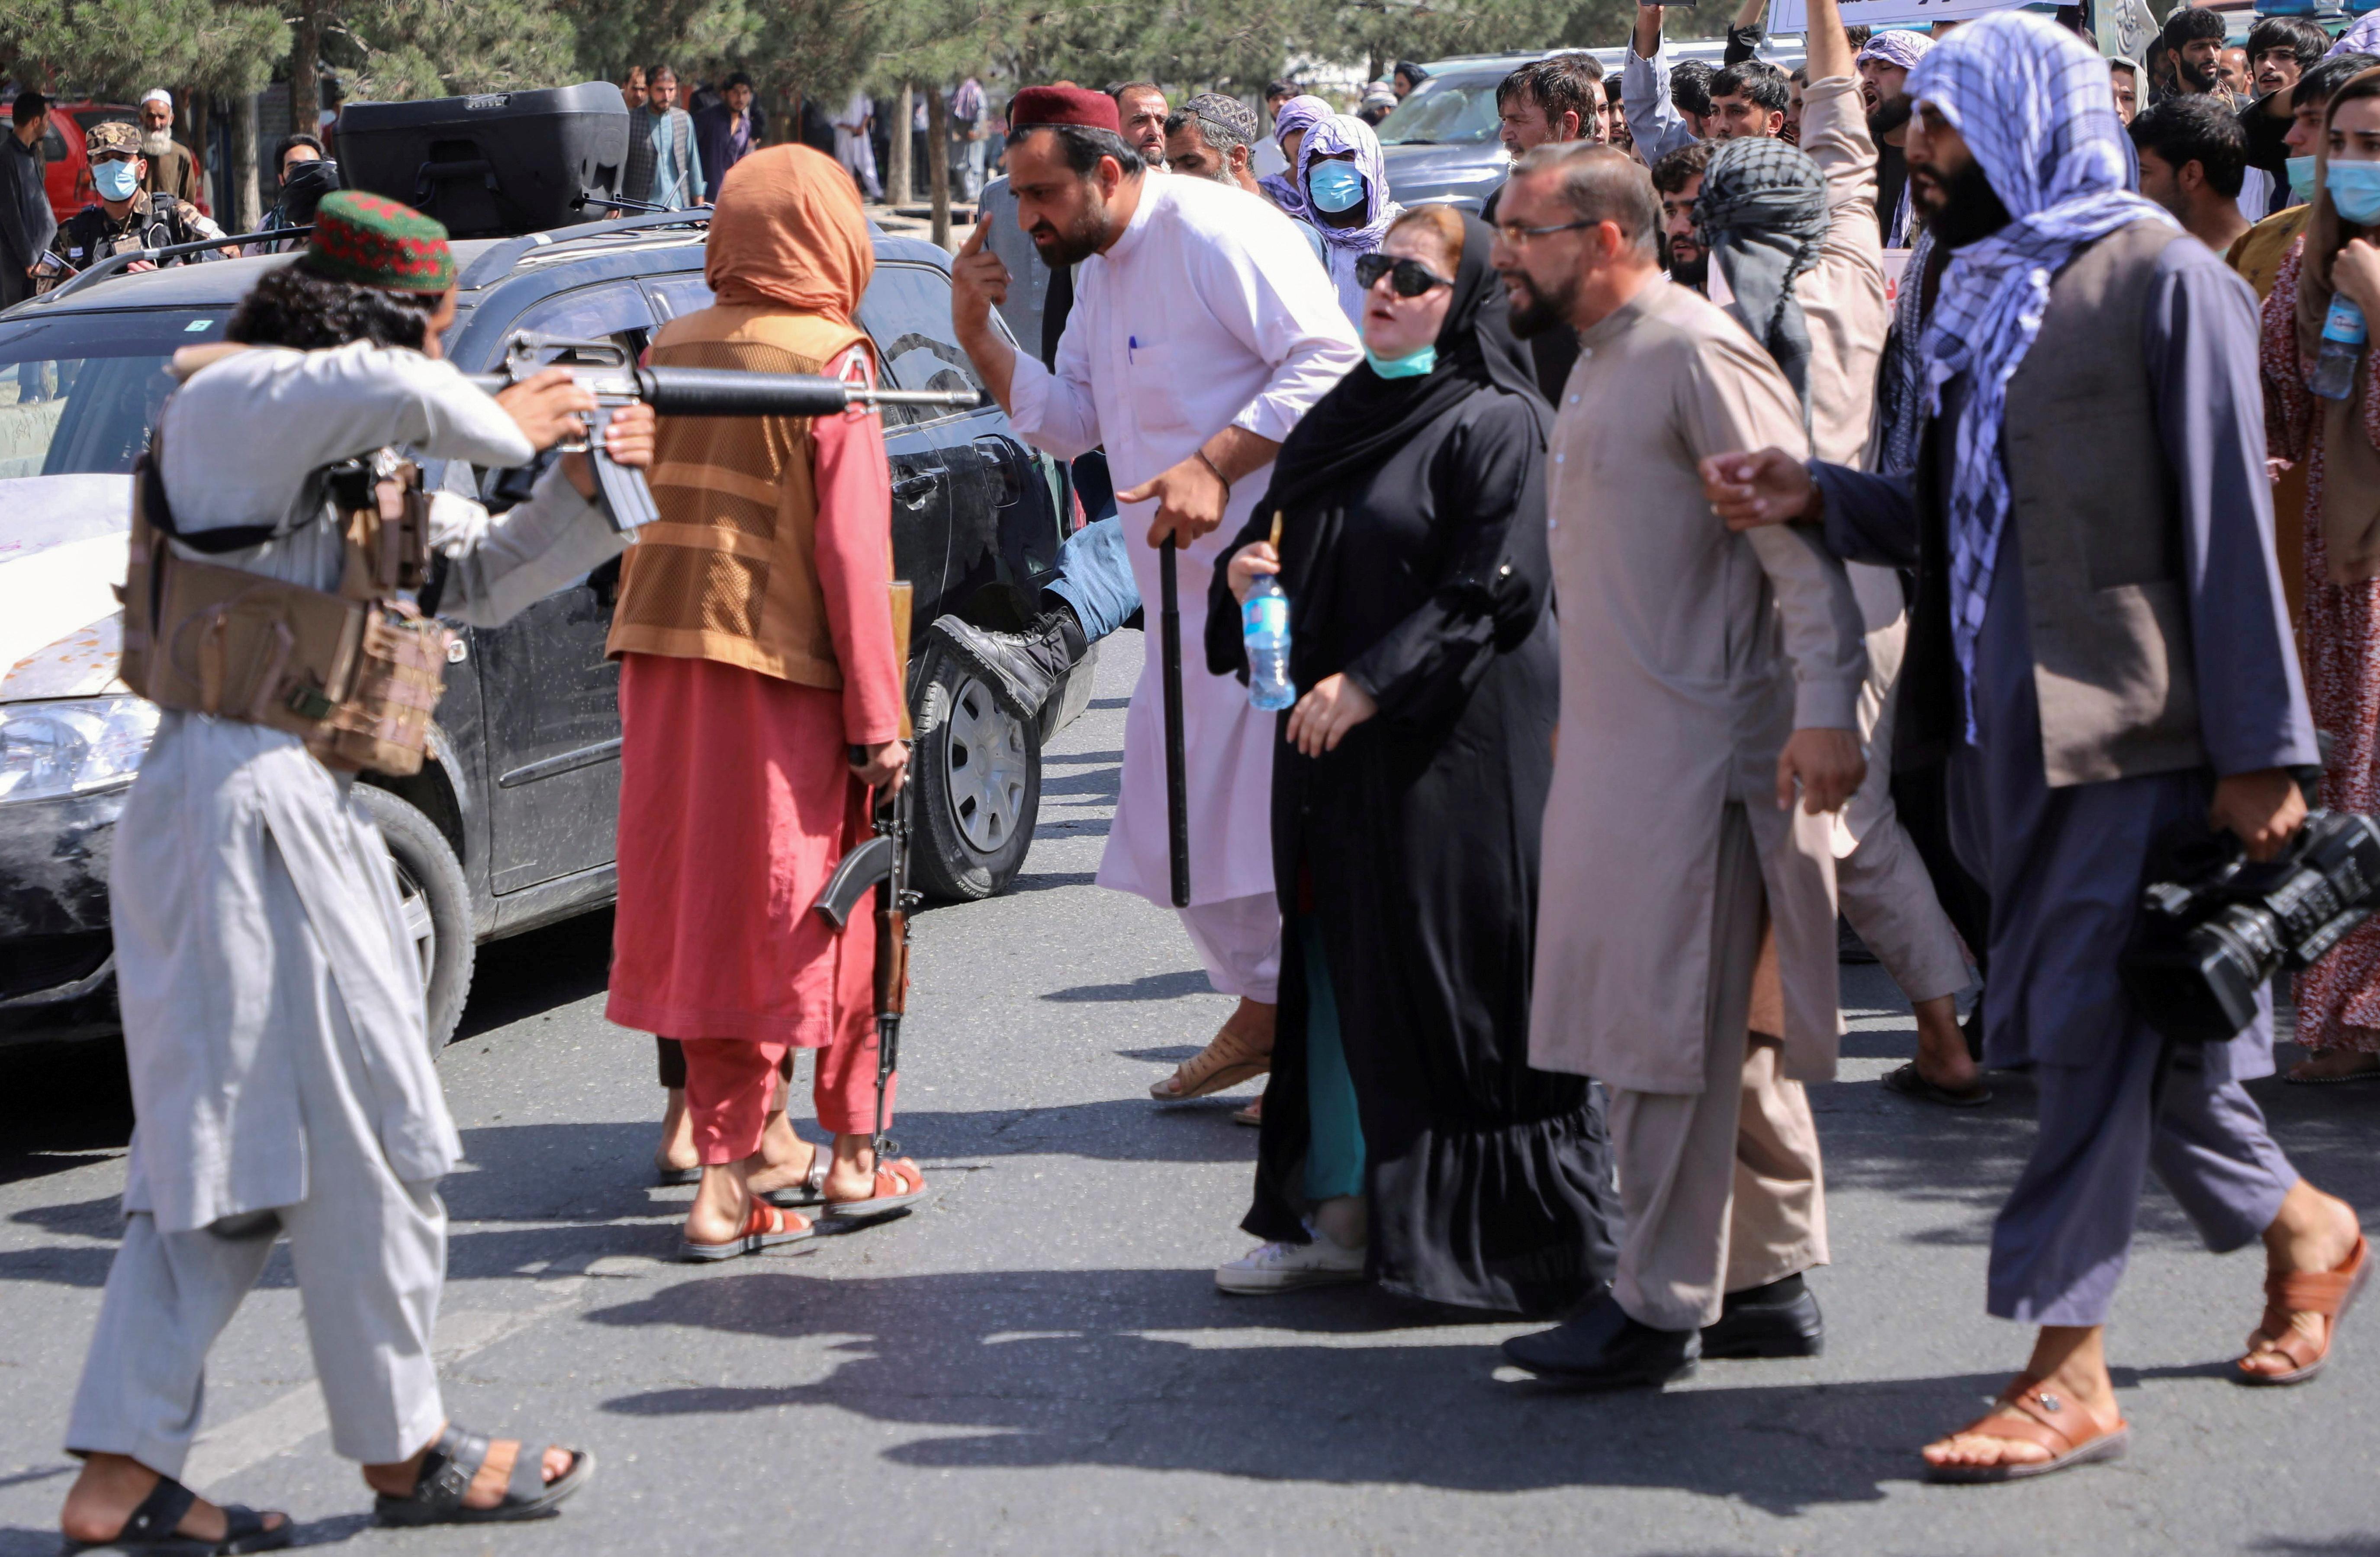 काबुल में प्रदर्शन के दौरान तालिबानी ने महिला पर बंदूके ताने दिख रहा है, लेकिन महिला डरने की बजाय तालिबानी के सामने डटी रही।